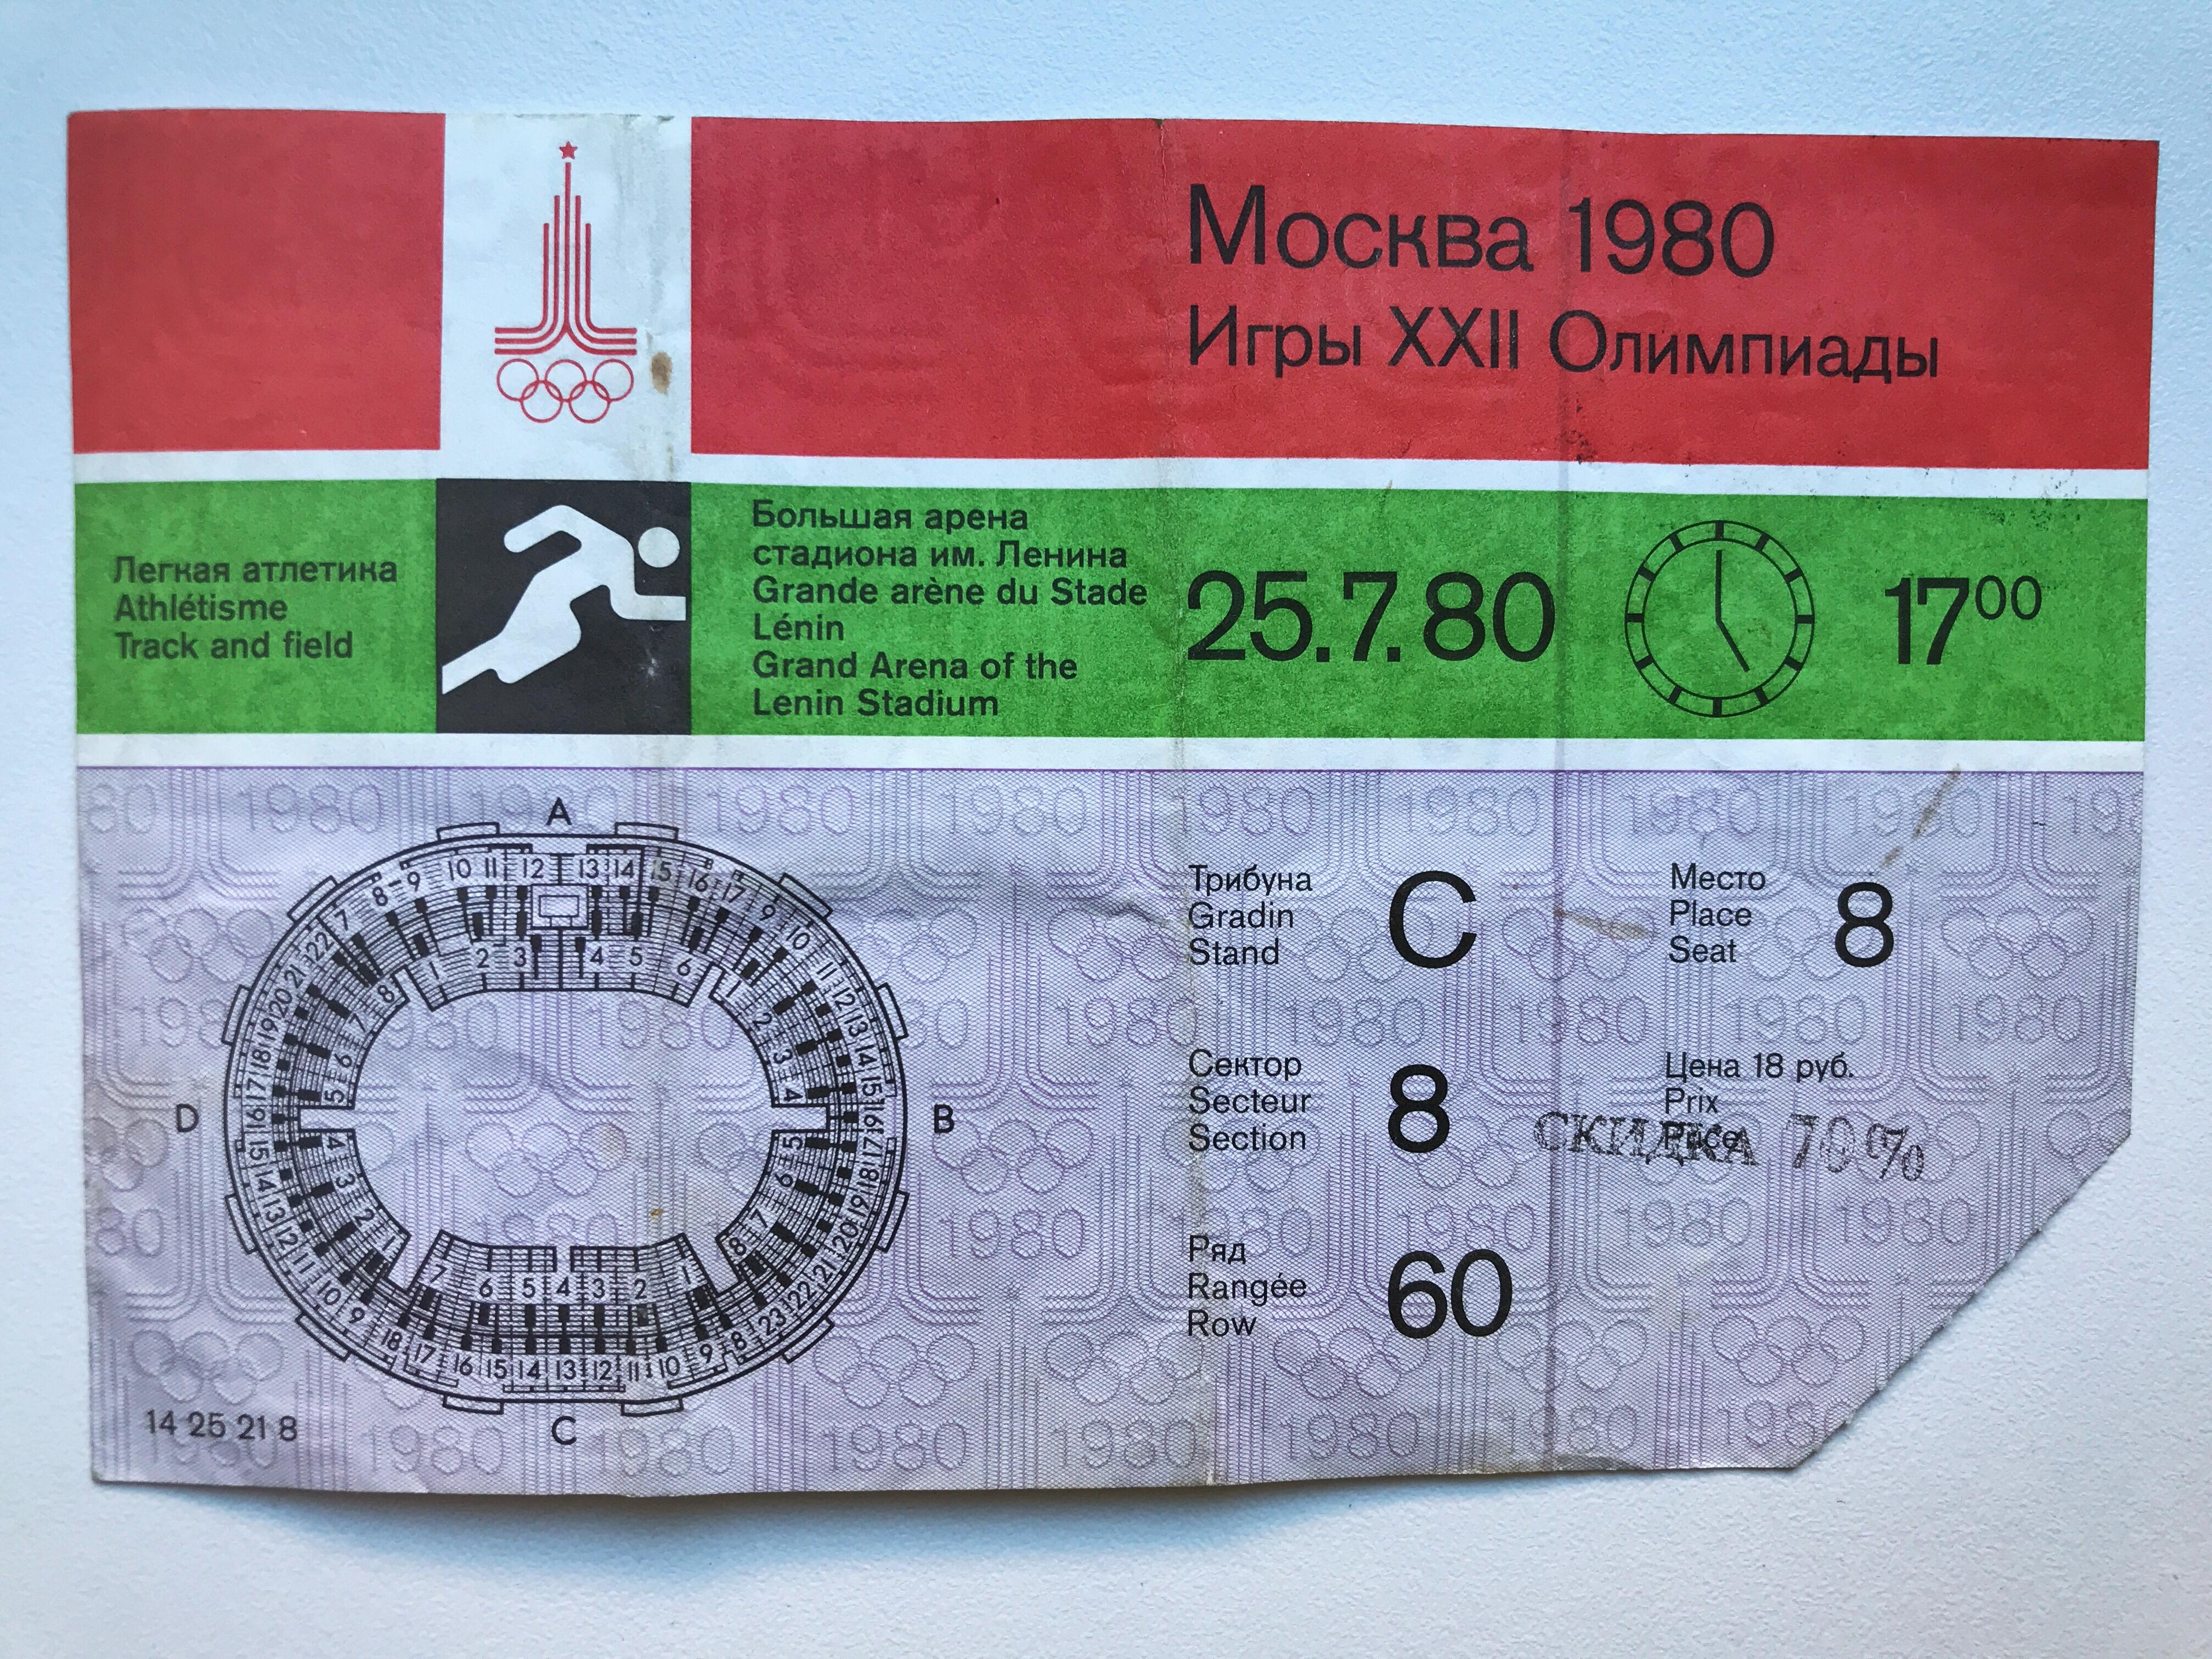 kscheib olympische spiele 1980 eintrittskarte